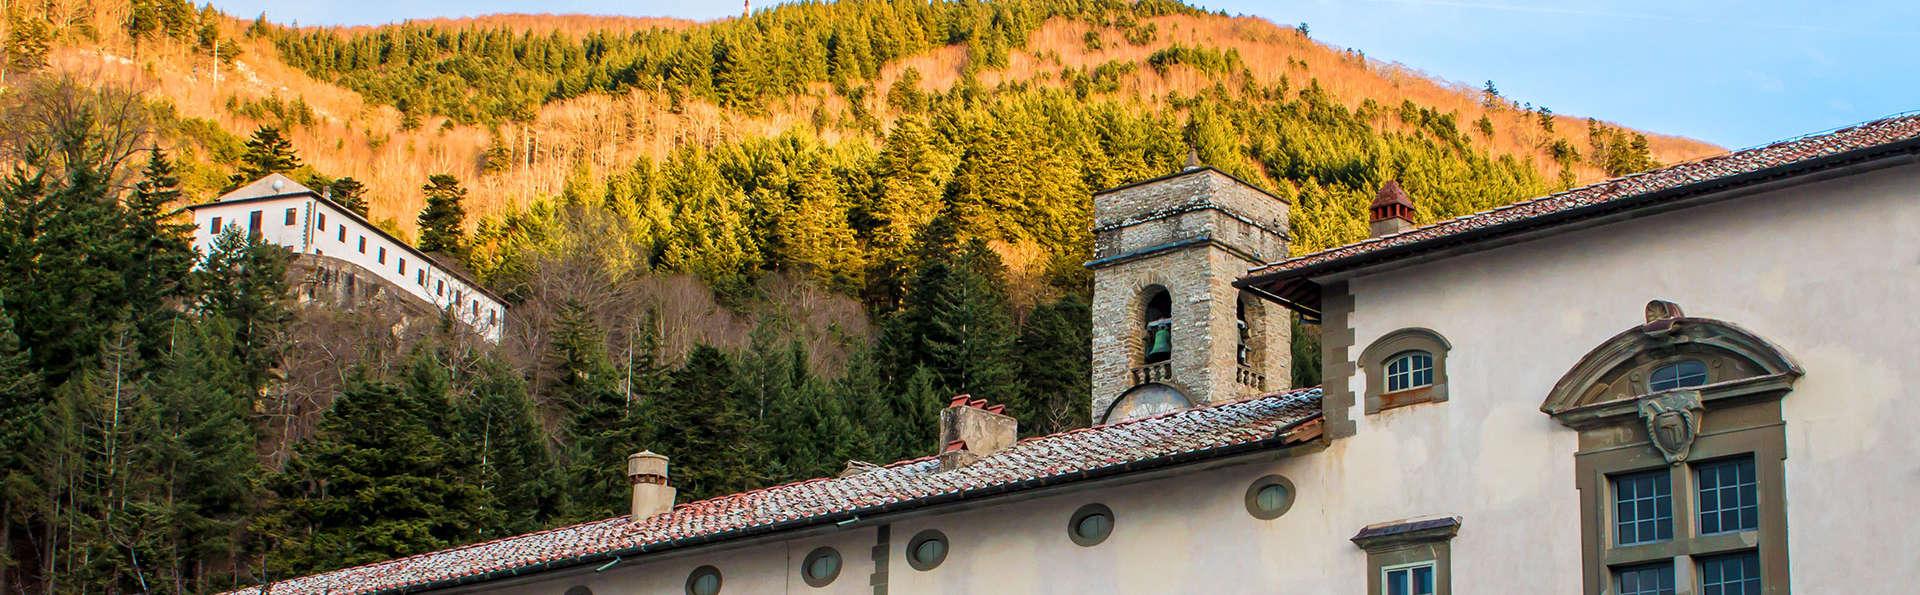 Podere Castellare - edit_Riserva-Naturale-Statale-Biogenetica-di-Vallombrosa.jpg